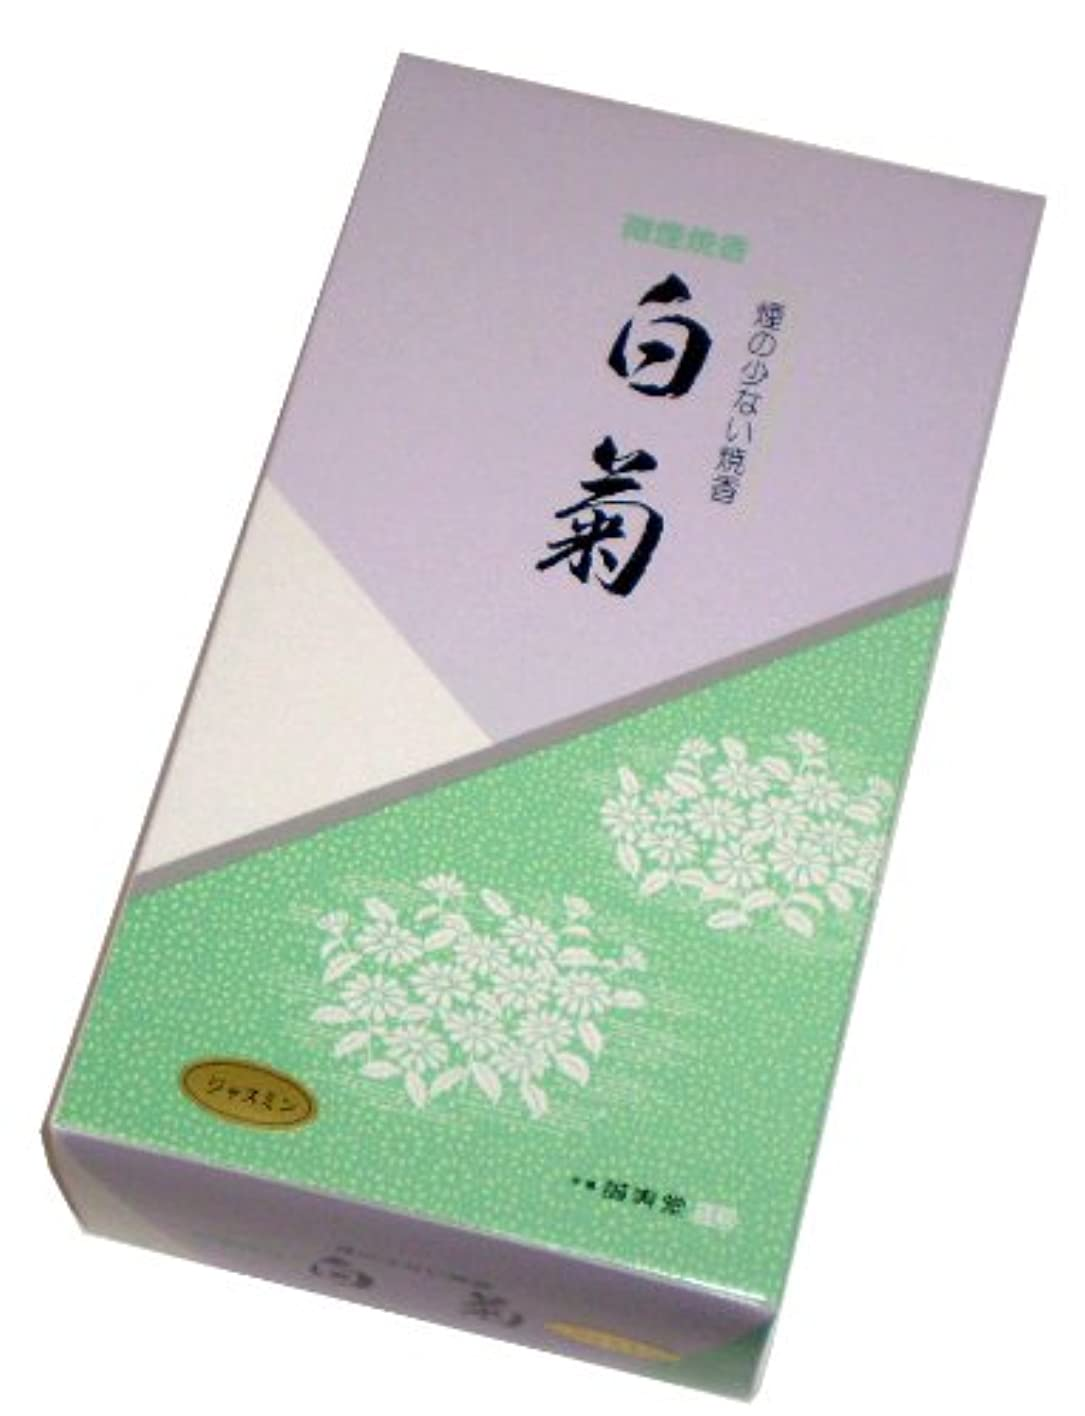 コントローラ準備バスタブ誠寿堂のお線香 微煙焼香 白菊(ジャスミン)500g #FJ21